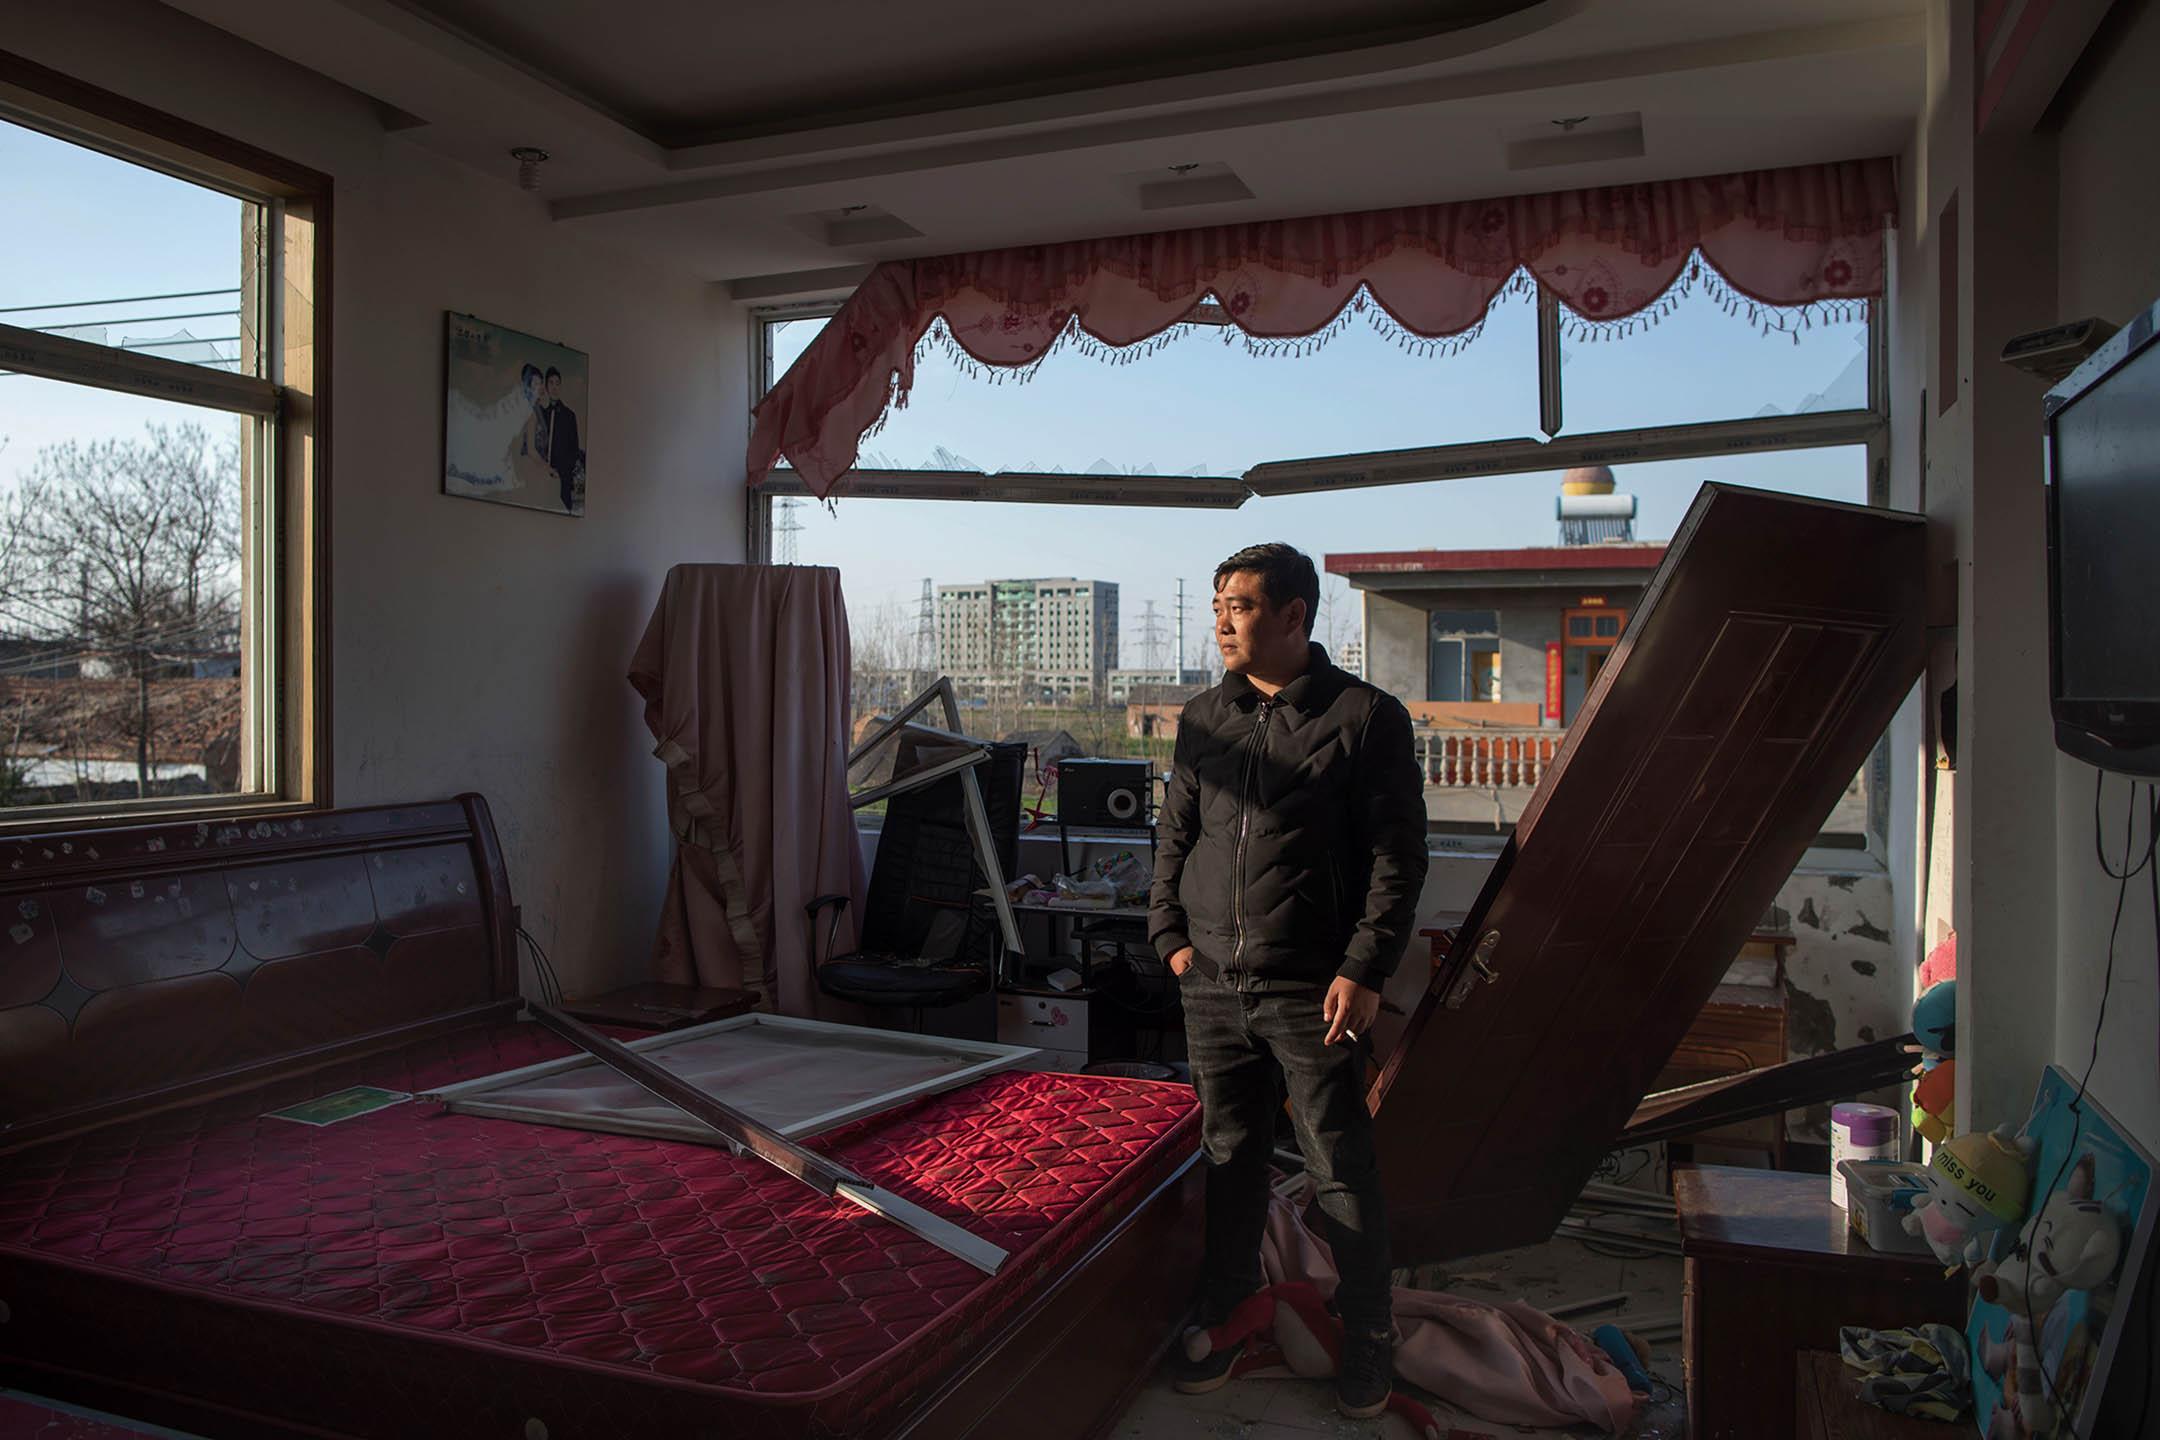 2019年3月23日,陳家港鎮王商村的村民韓松在他爆炸後的房子內。